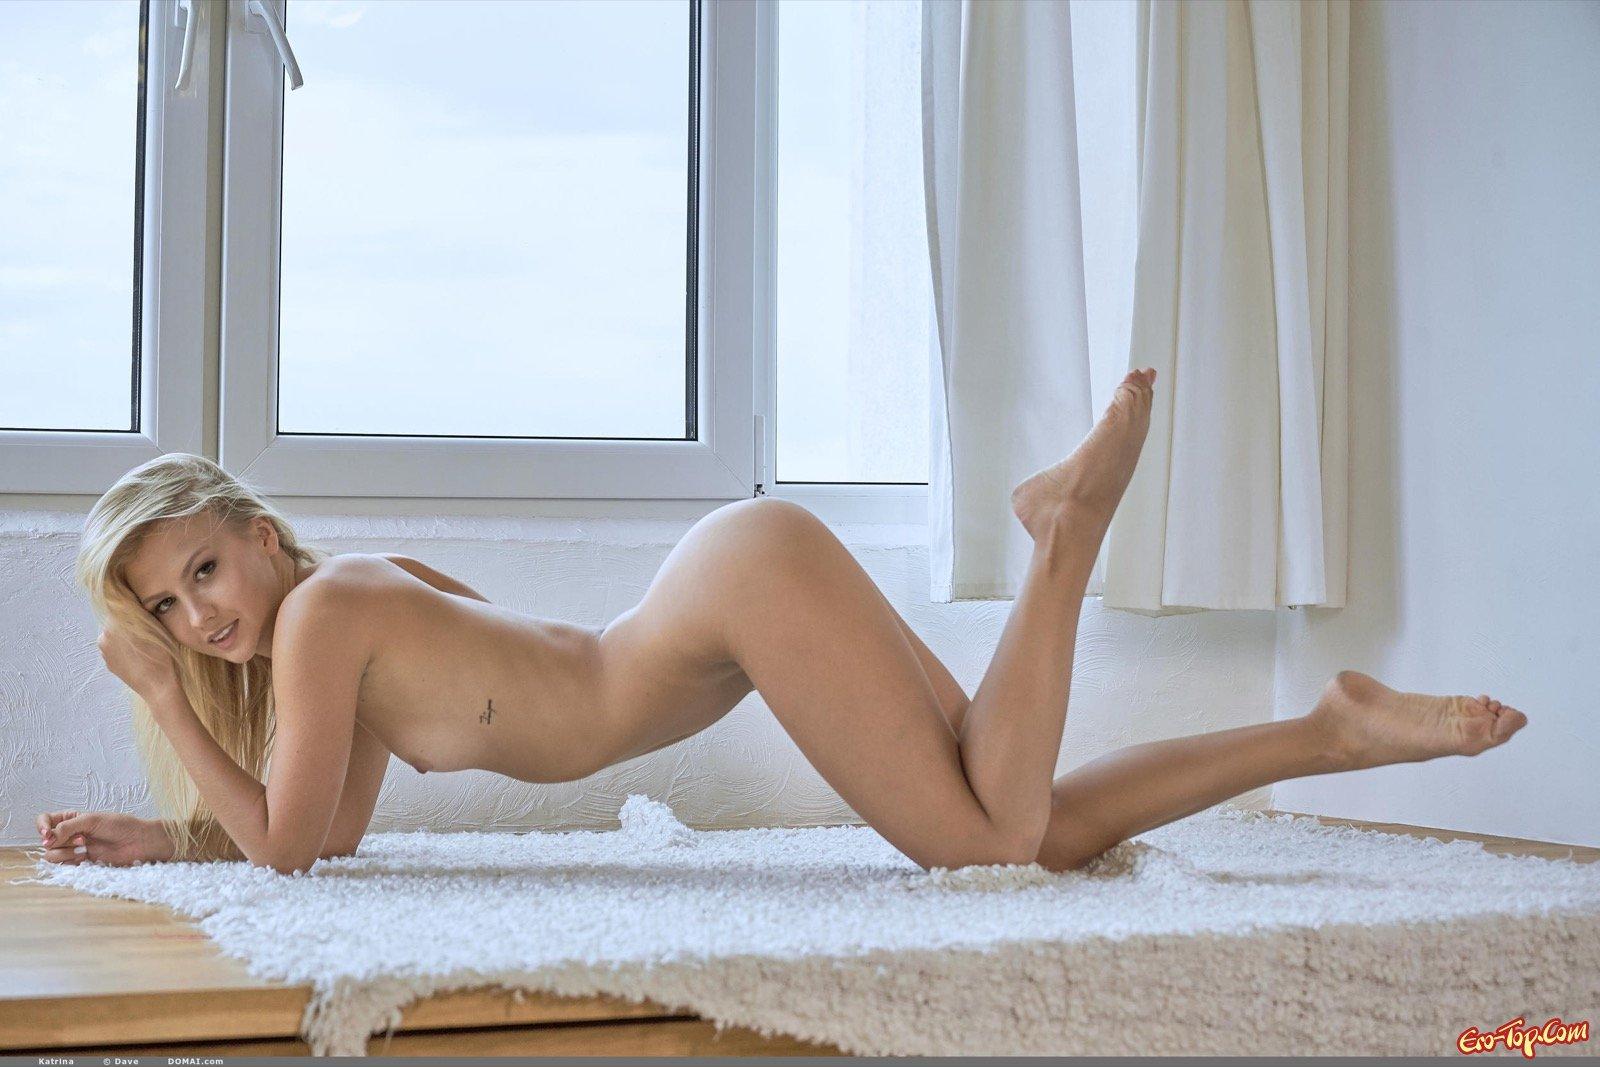 Голая блондиночка с хорошенькими красивыми ножками